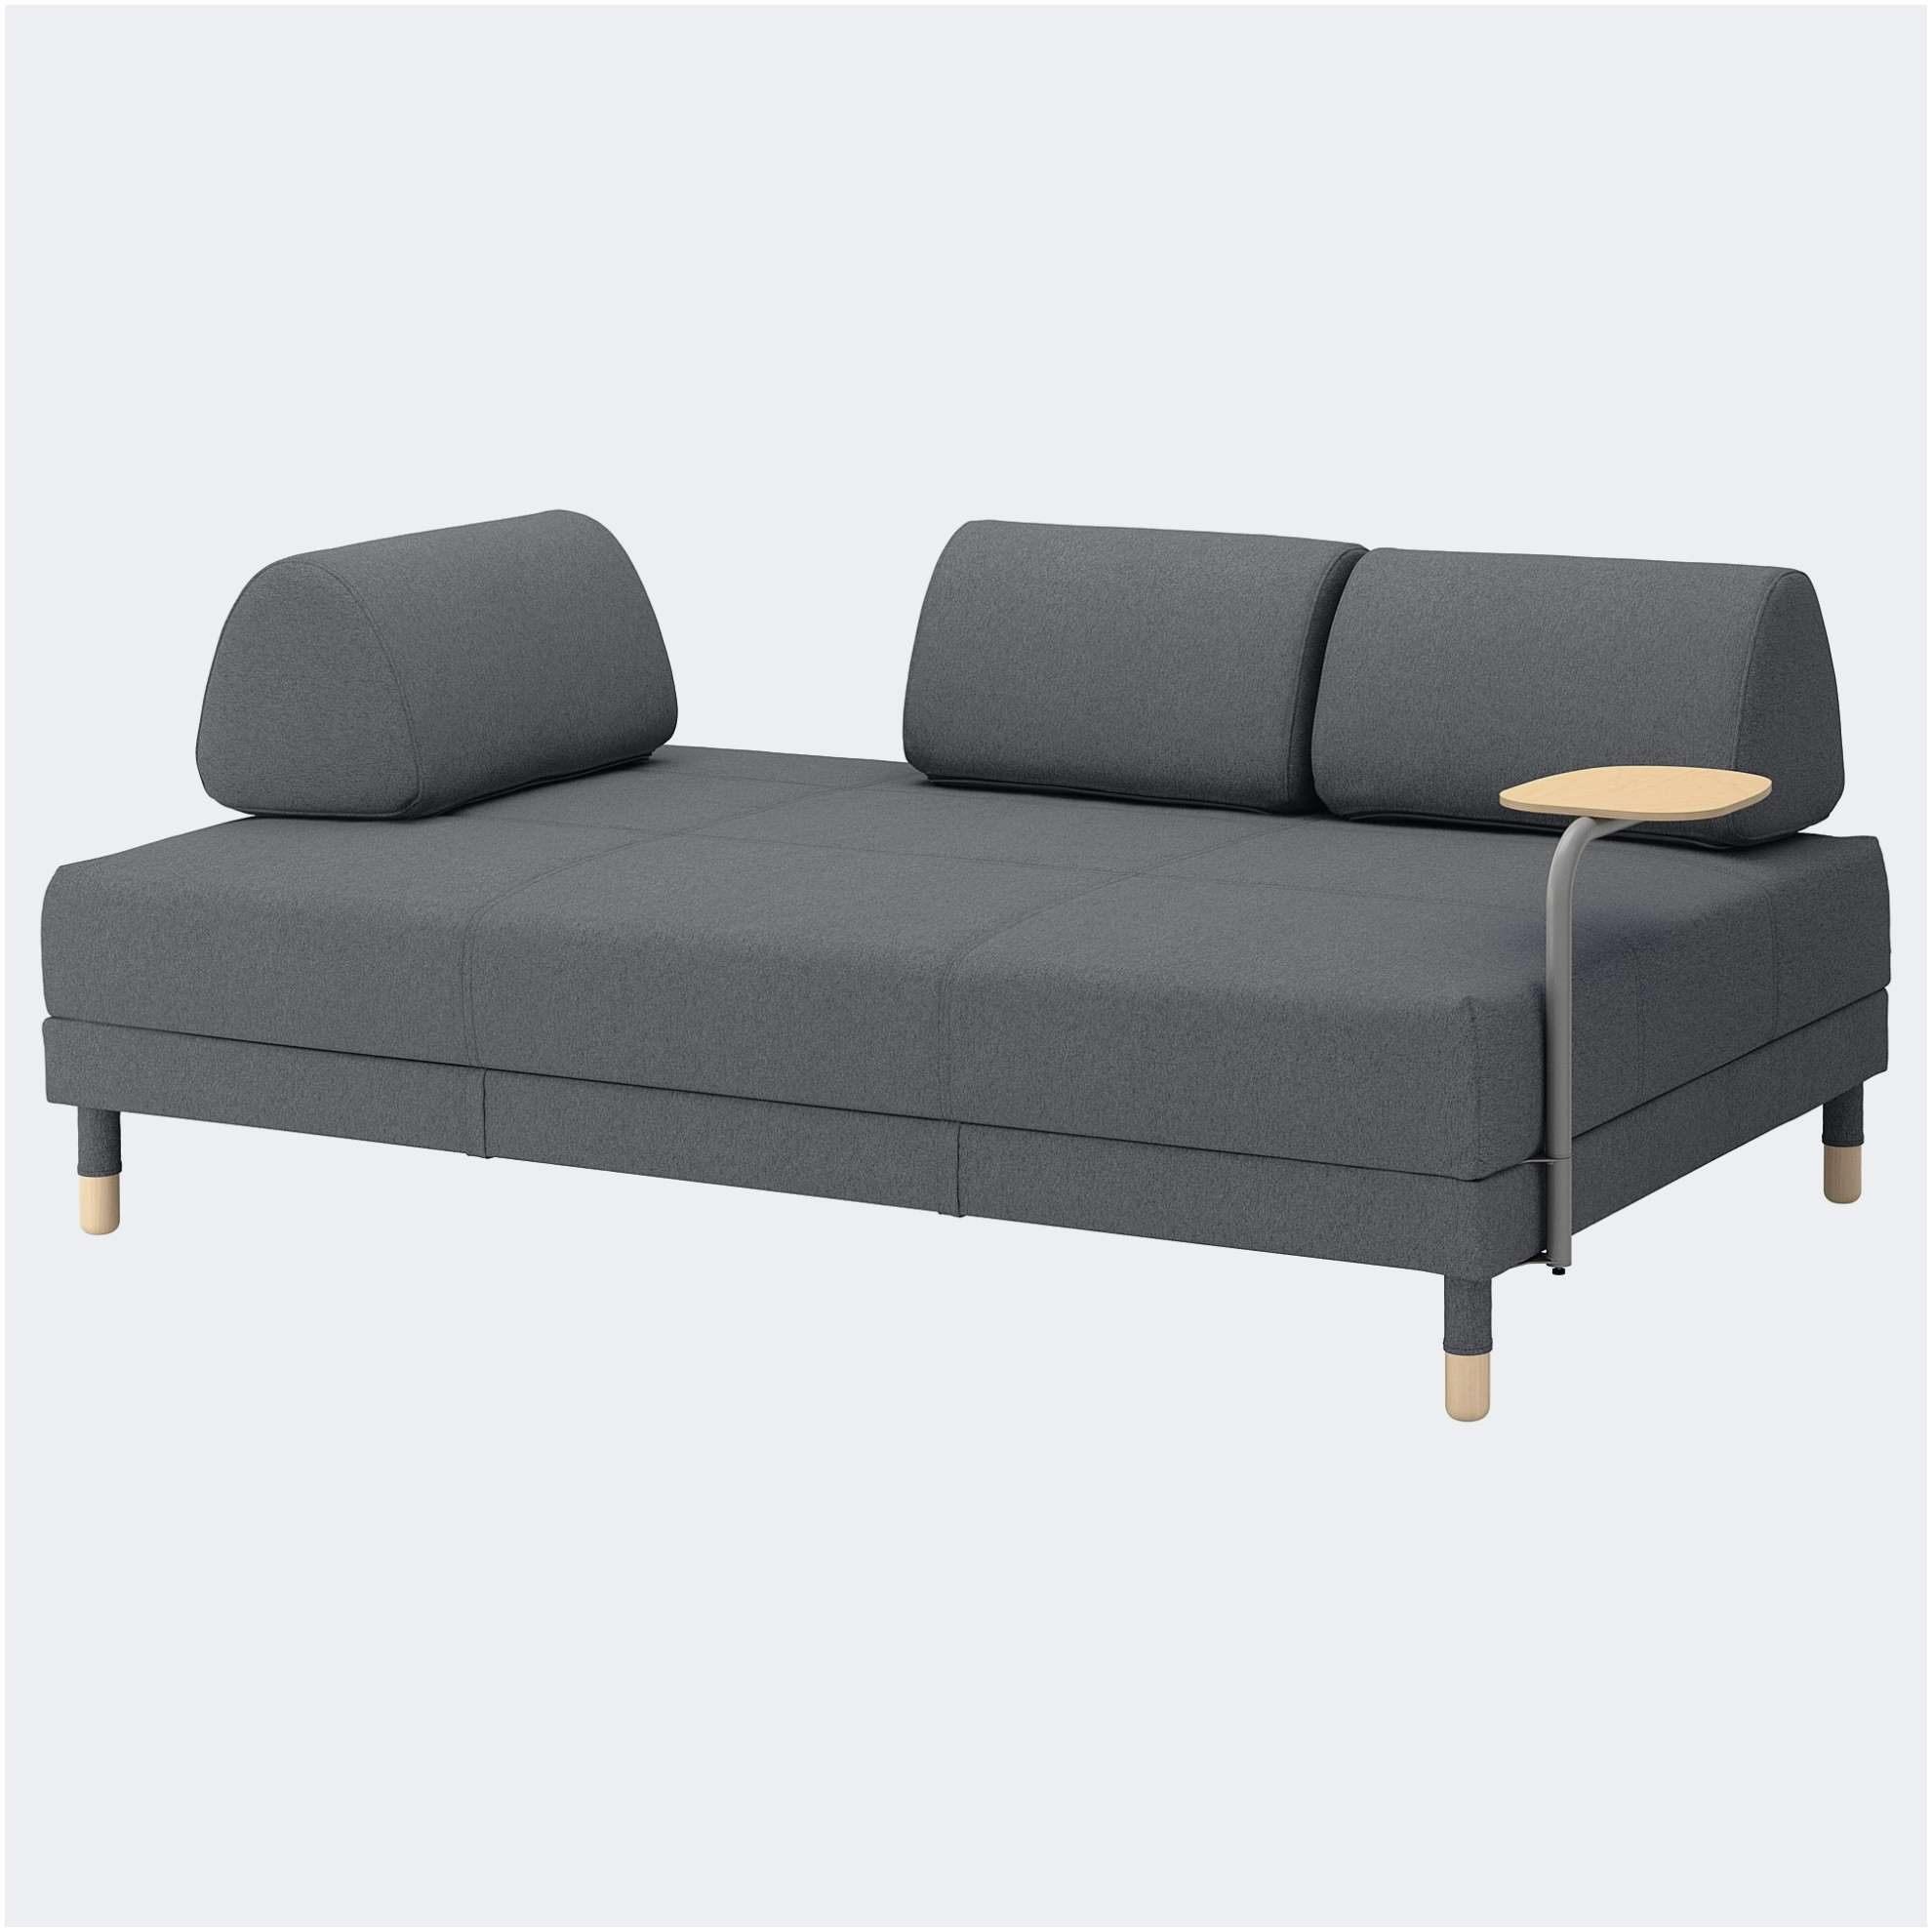 Canapé Lit Pas Cher Ikea Luxe Luxe Le Meilleur De Avec Superbe Canapé Lit Convertible Pour Votre